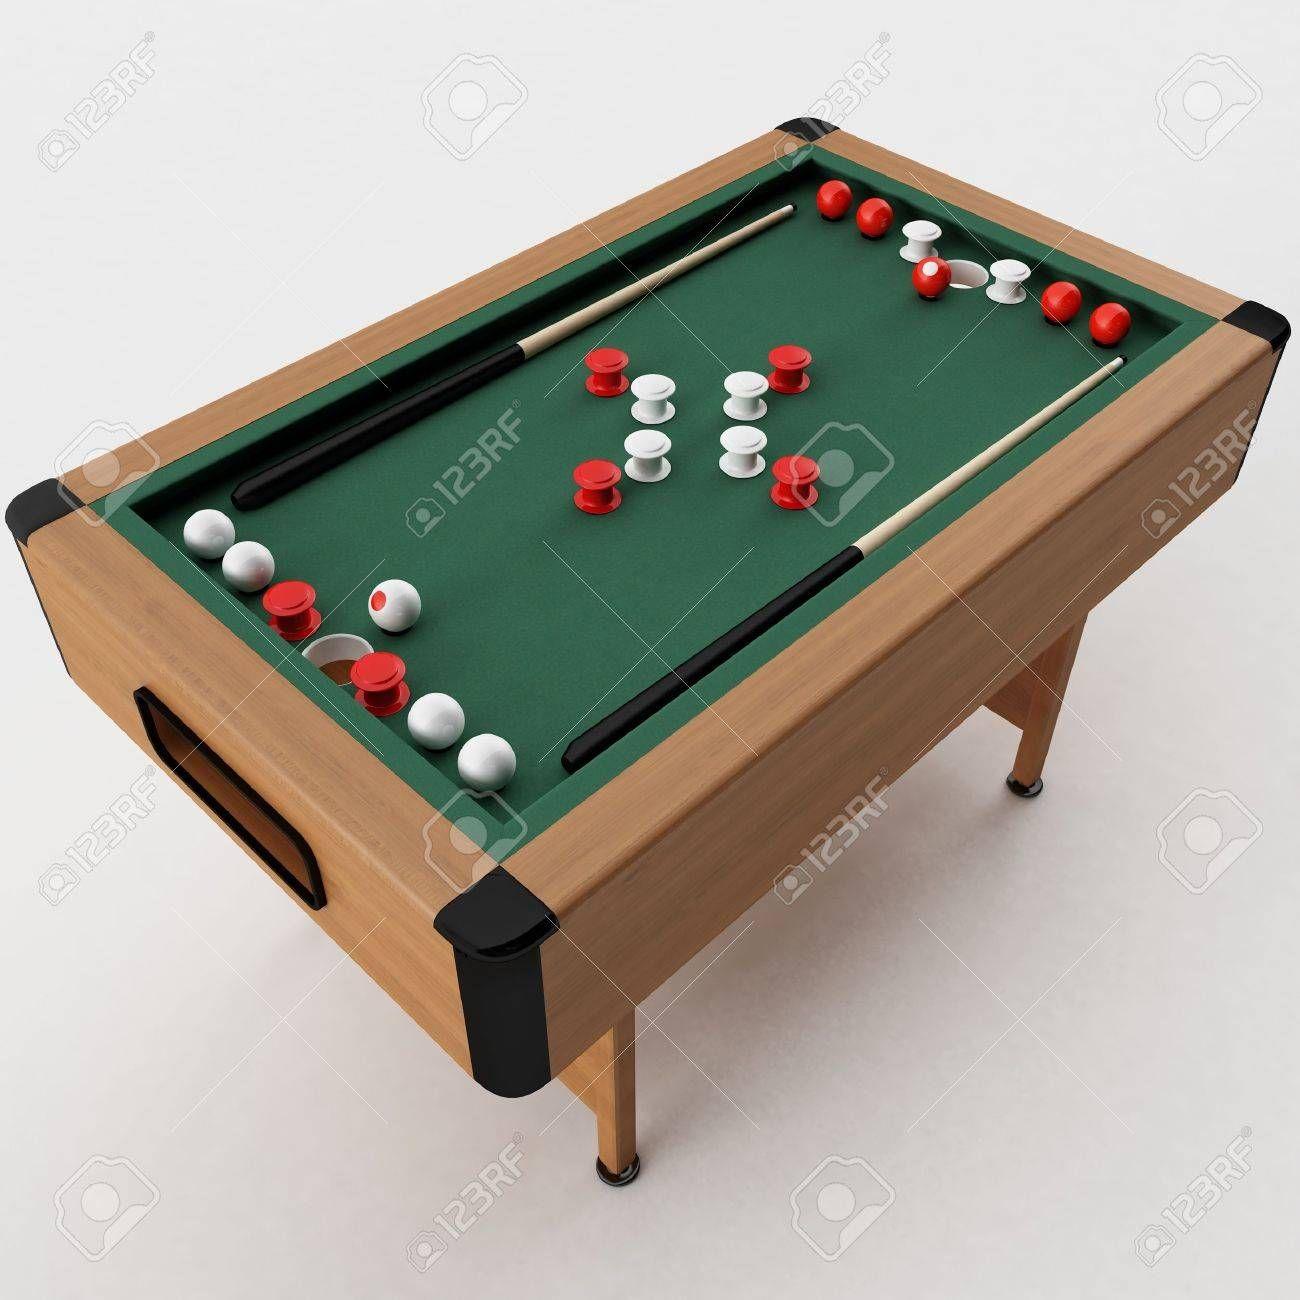 Bumper Pool Table Https Www Otoseriilan Com In 2020 Bumper